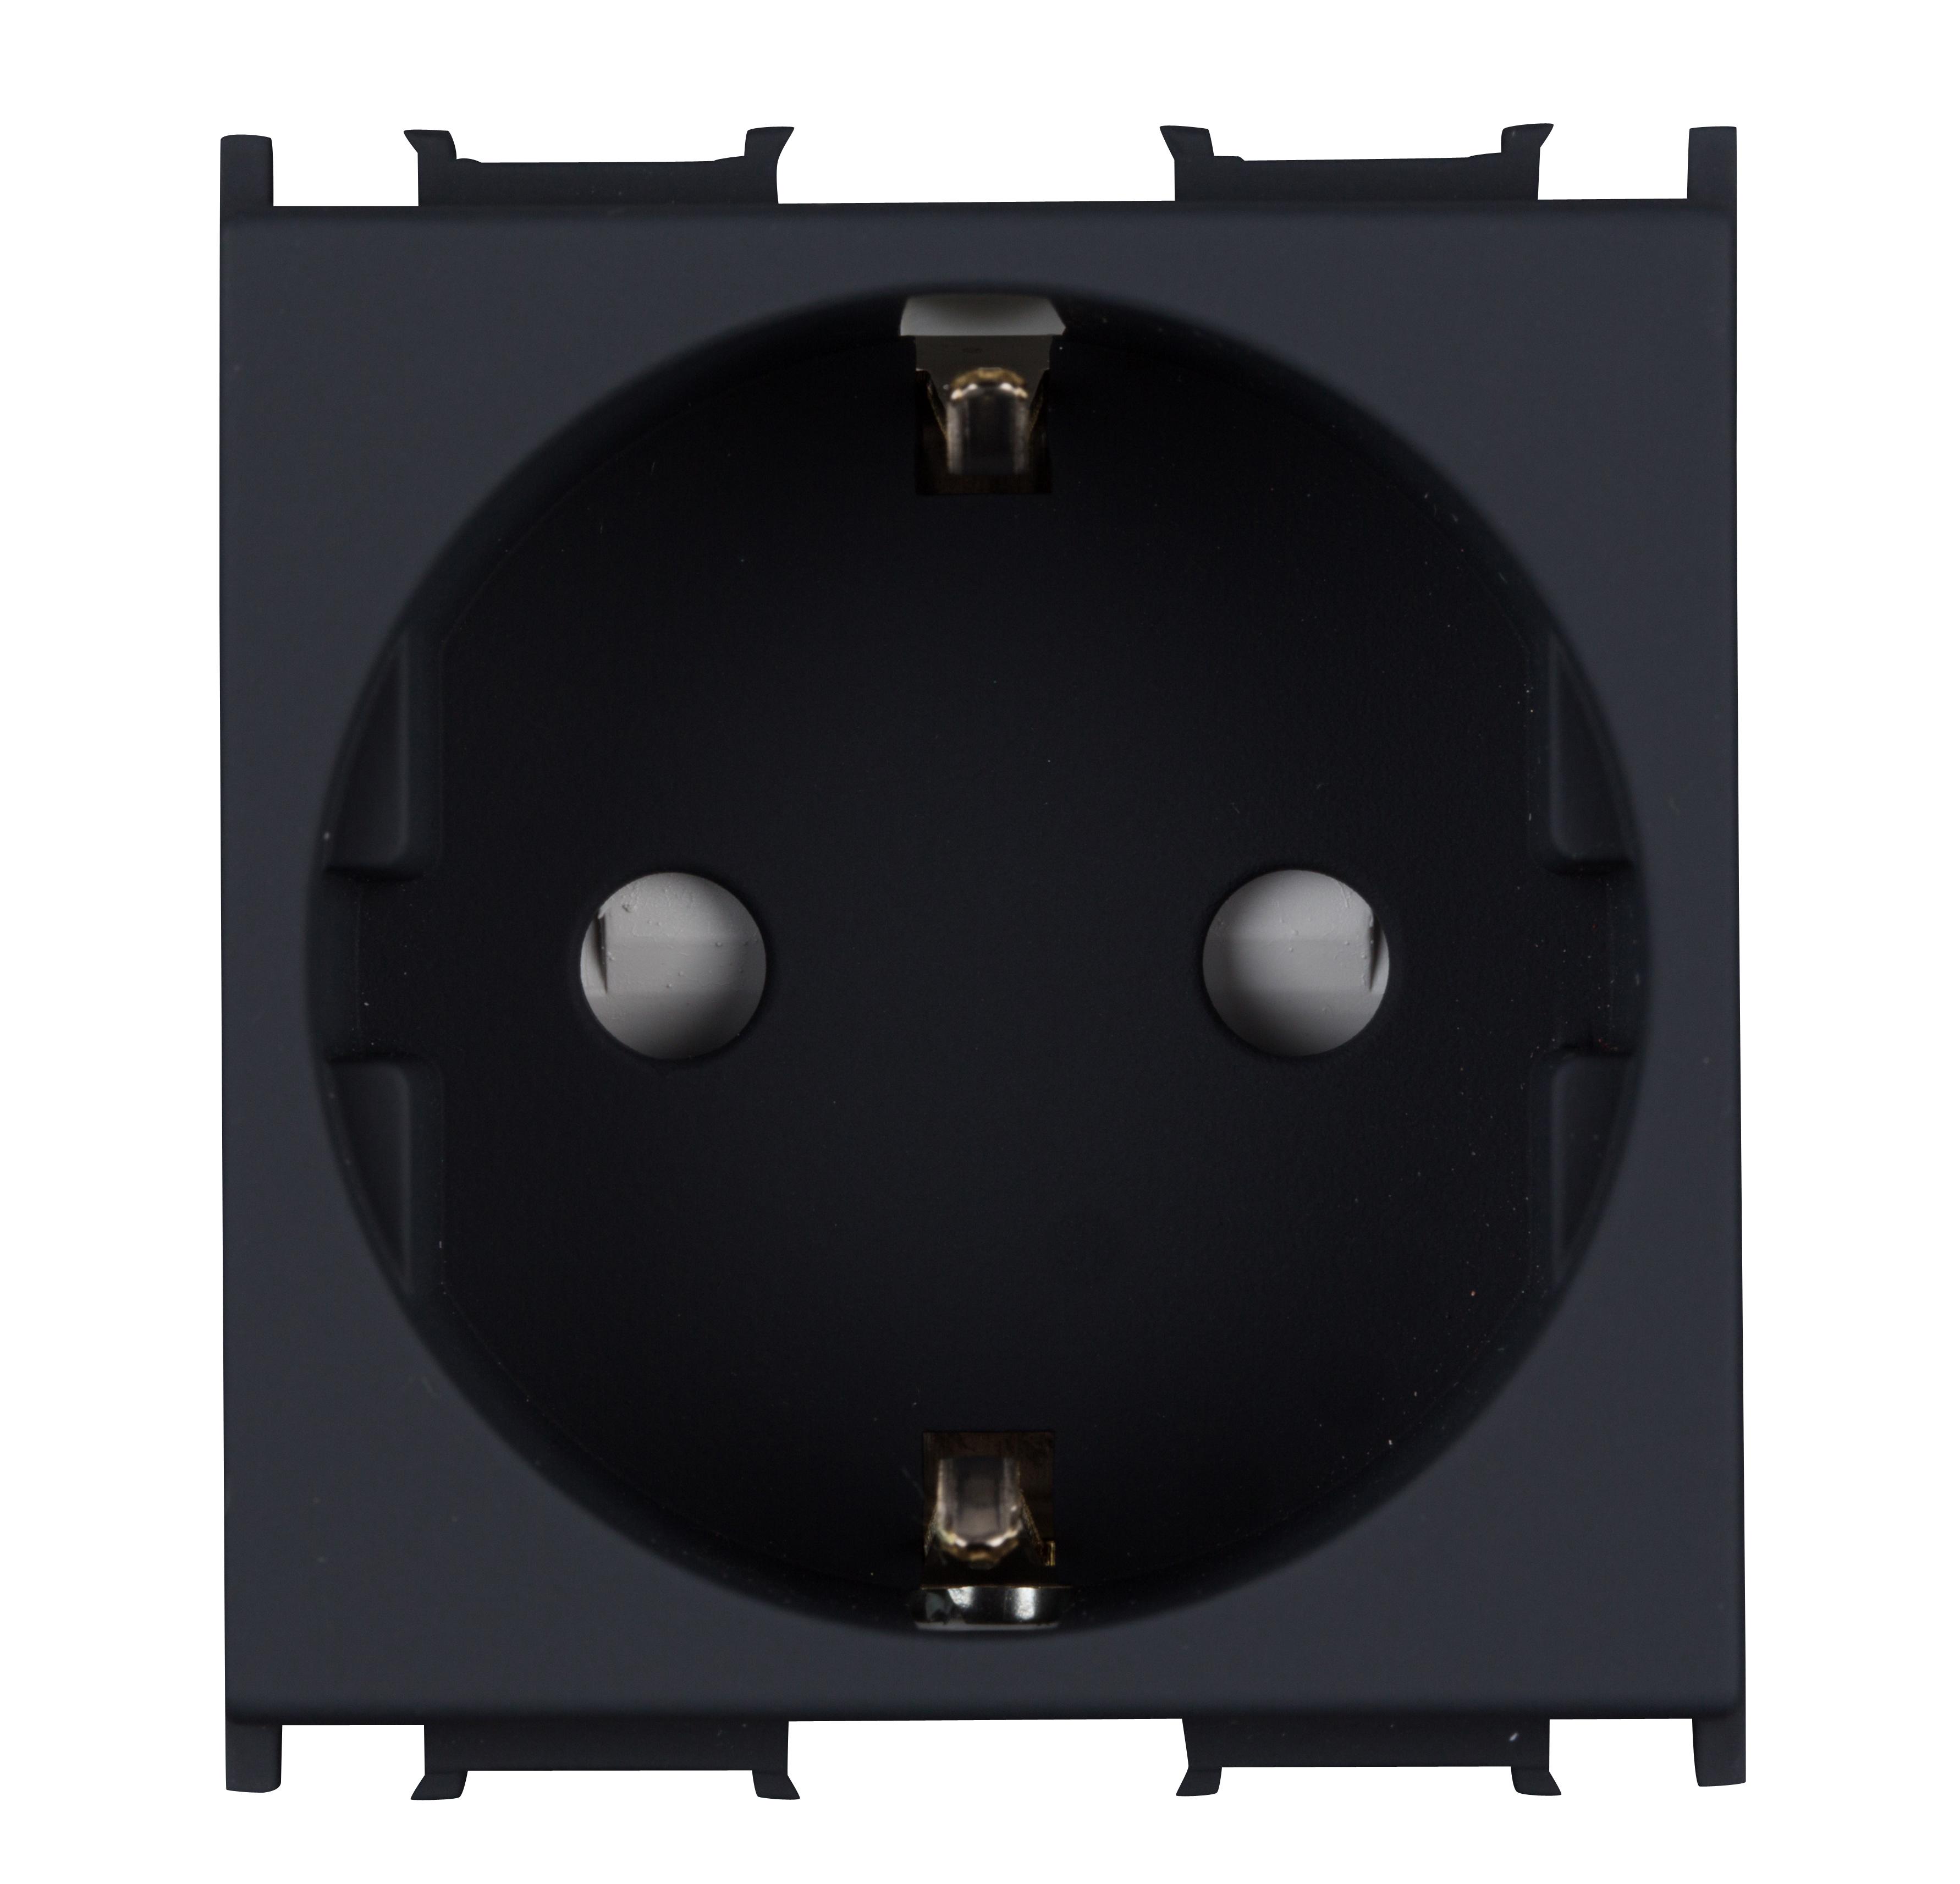 1 Stk Steckdose mit erhöhtem Berührungsschutz 16A, schwarz ET111001--